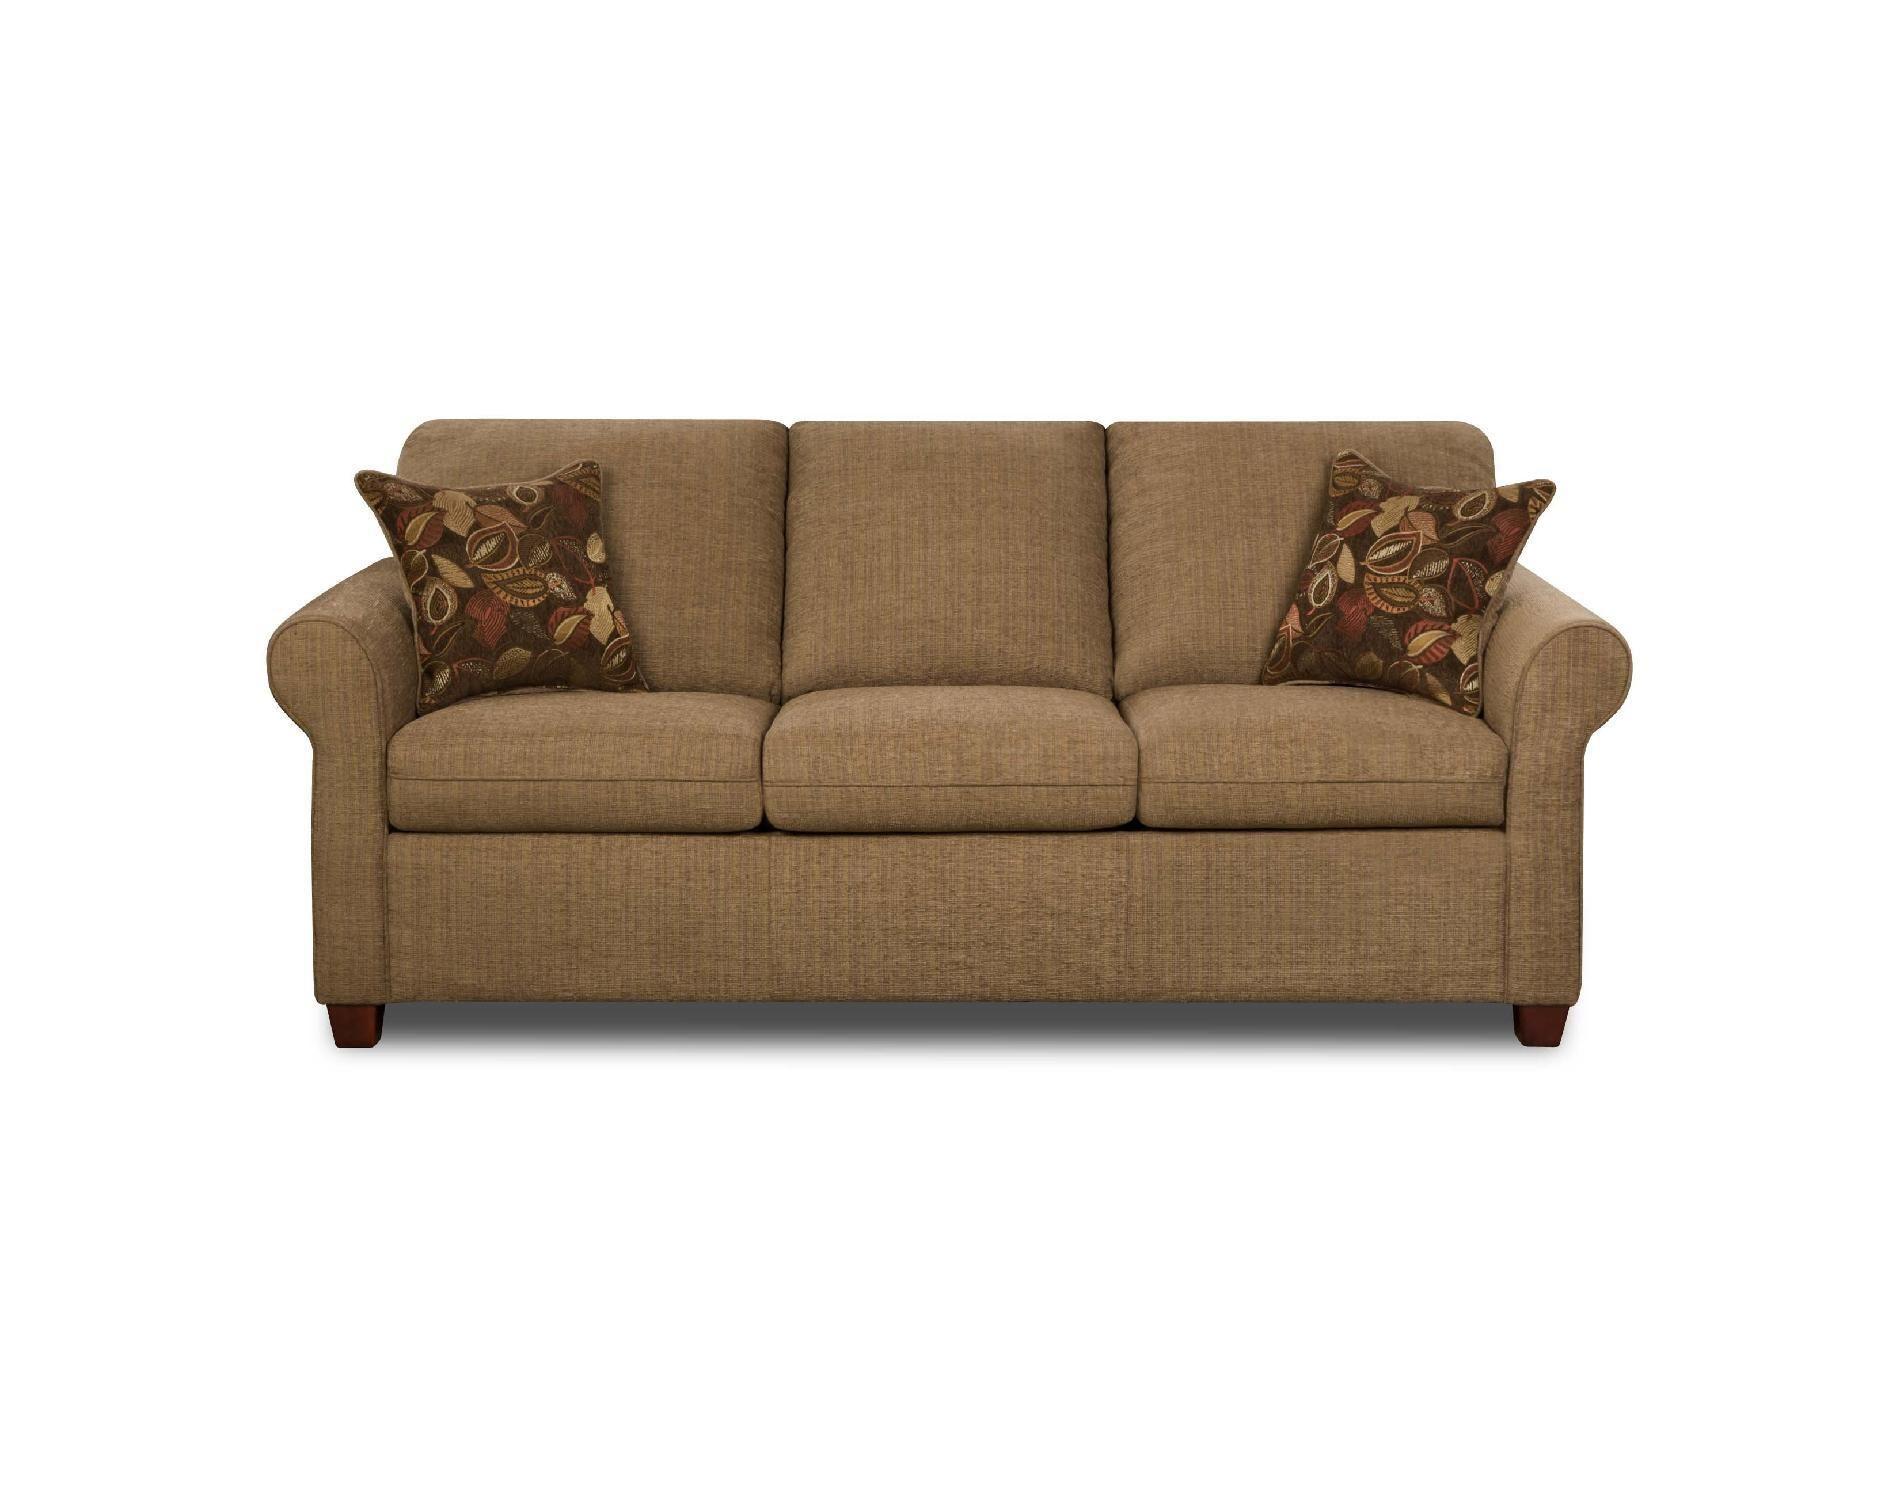 Macys Furniture Sofa Low Wedge Sandals Sofa